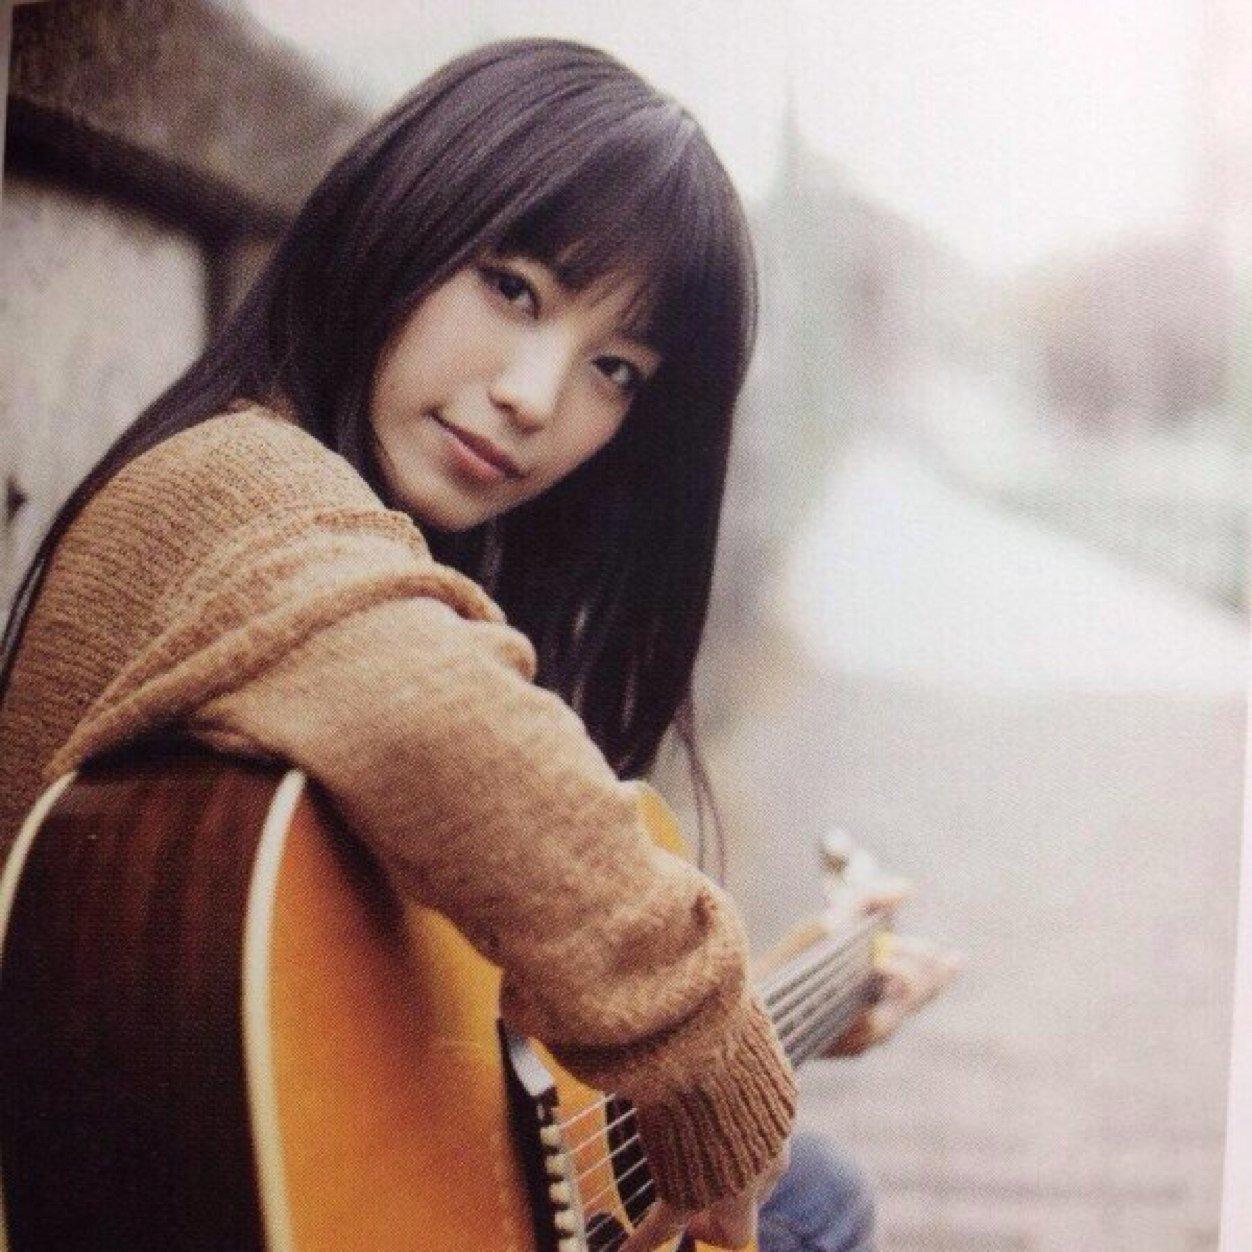 miwaのラジオは生歌が魅力!NHKでミューズノートが放送開始!のサムネイル画像